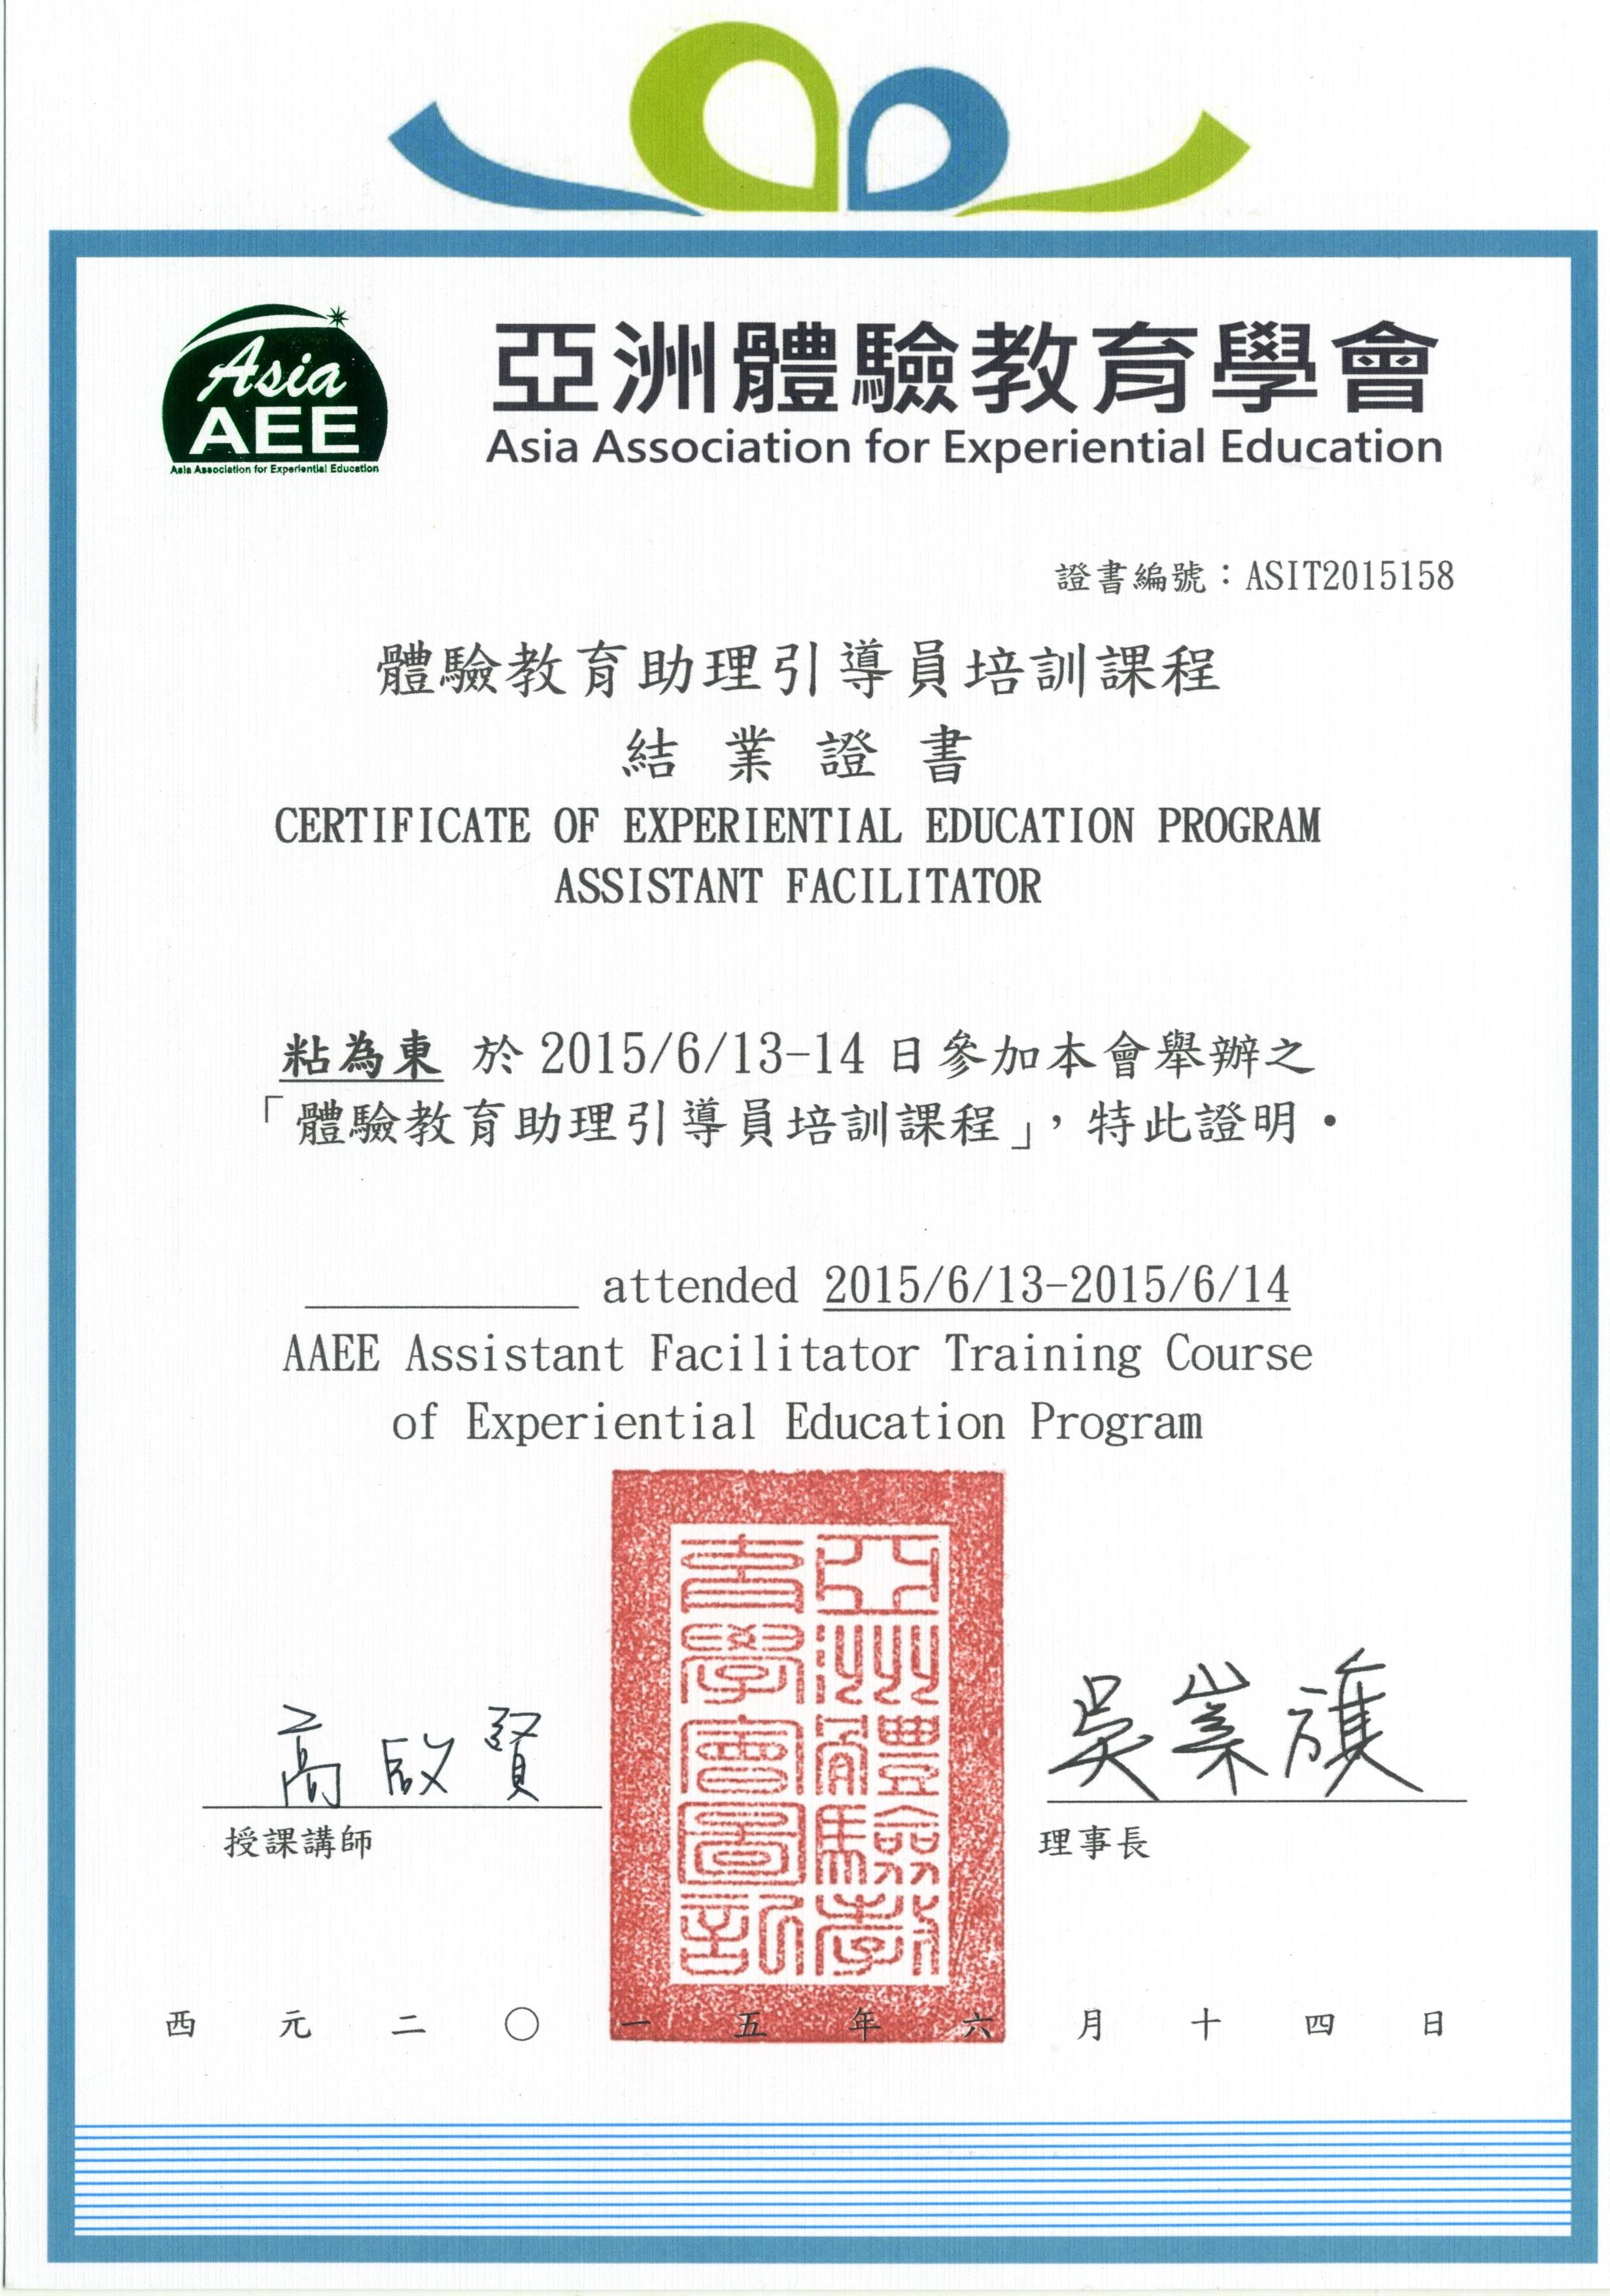 AAEE助理引導員課程結訓證書